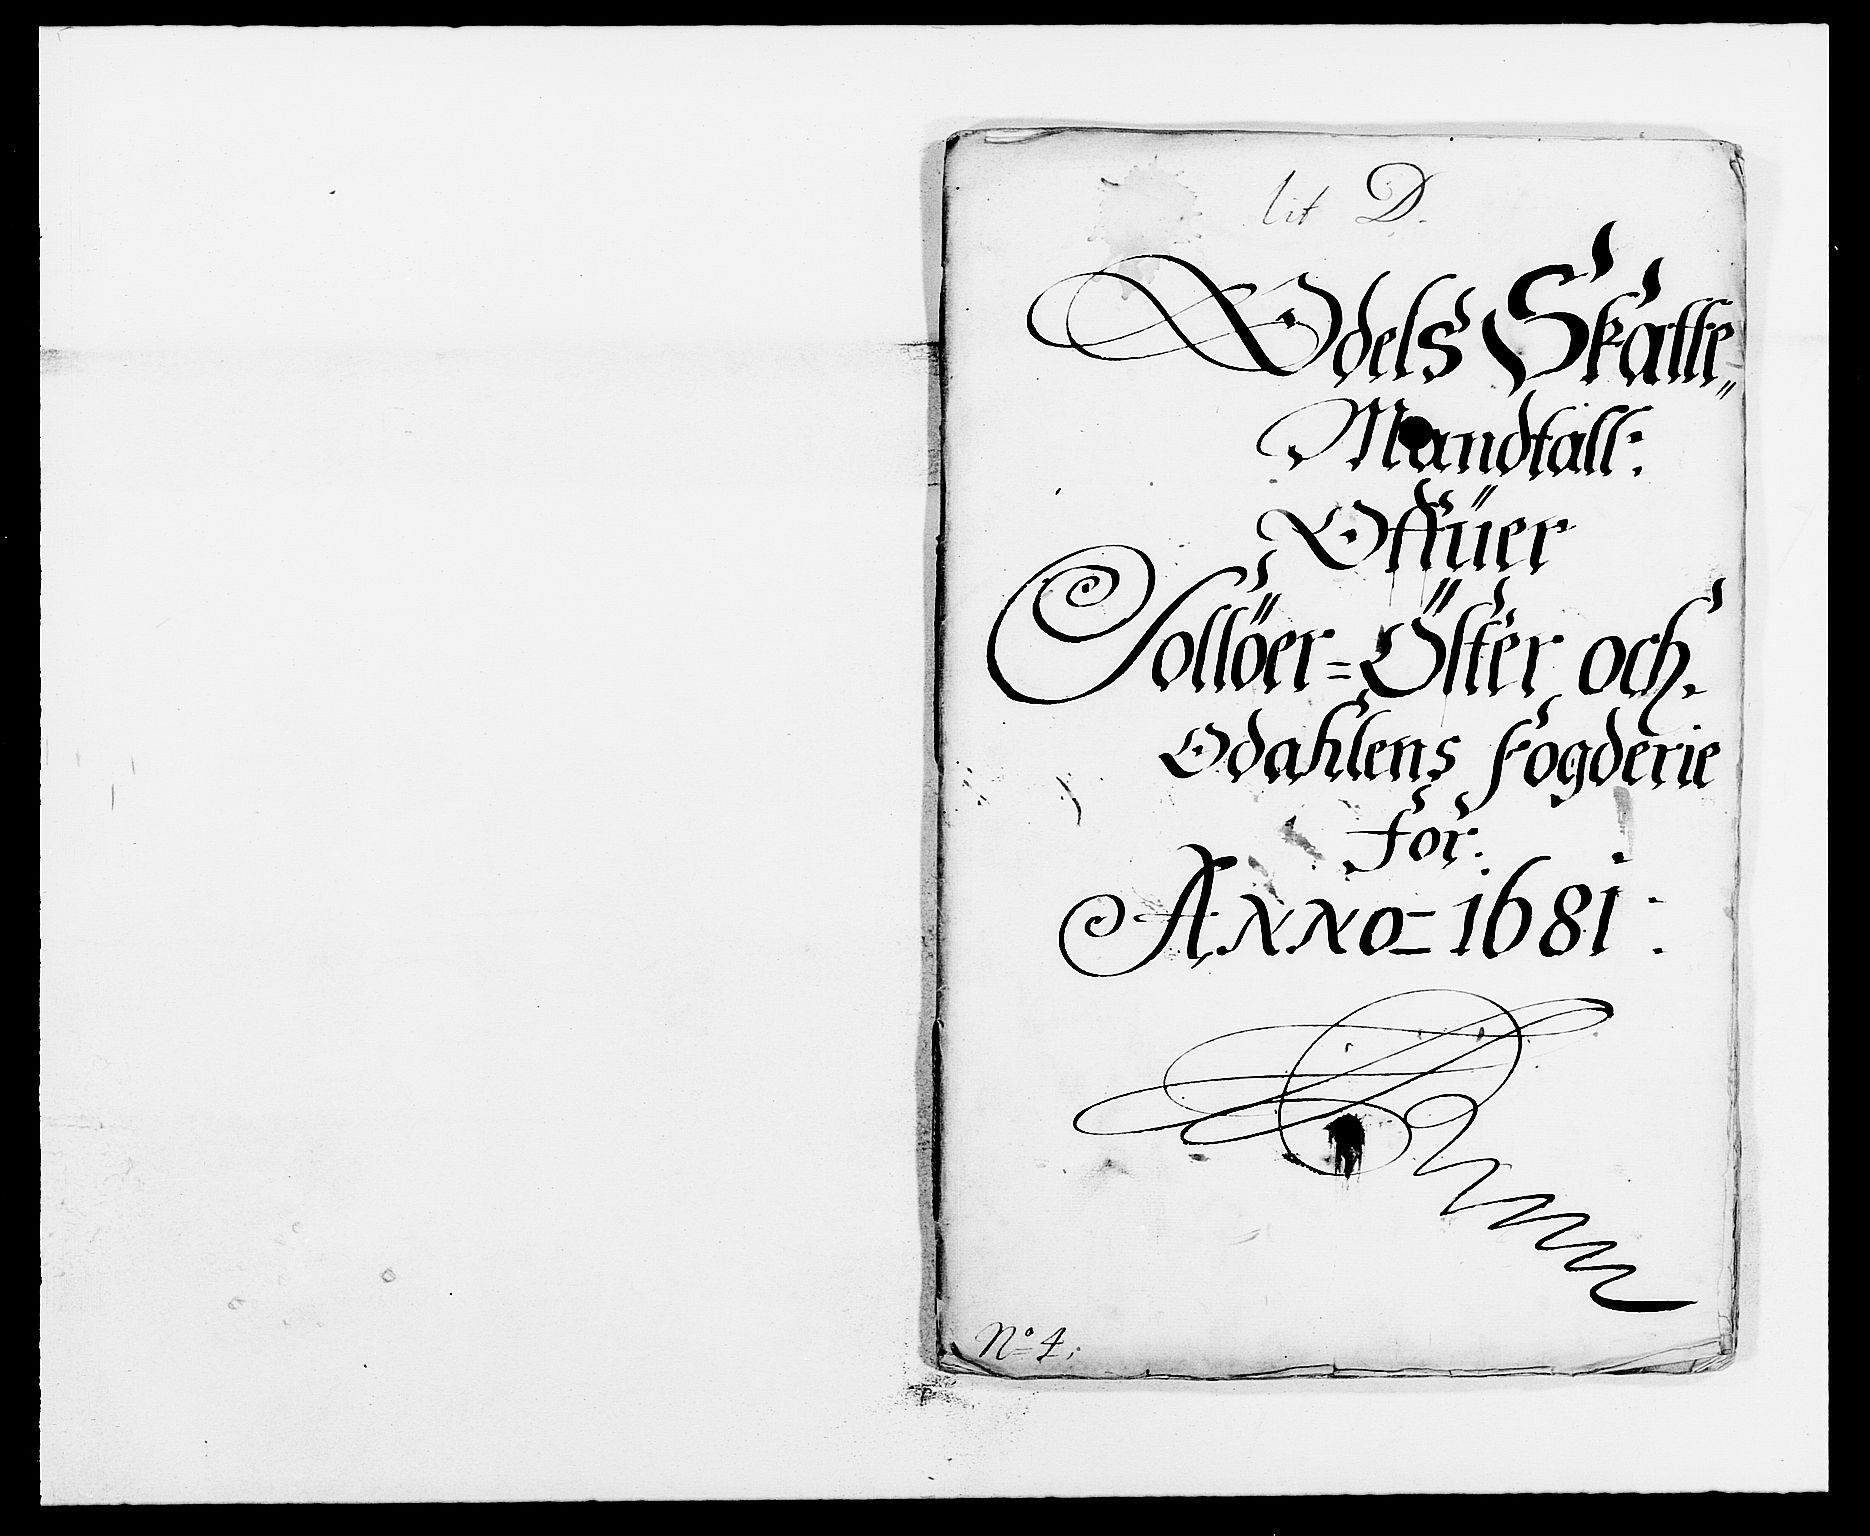 RA, Rentekammeret inntil 1814, Reviderte regnskaper, Fogderegnskap, R13/L0818: Fogderegnskap Solør, Odal og Østerdal, 1681, s. 202